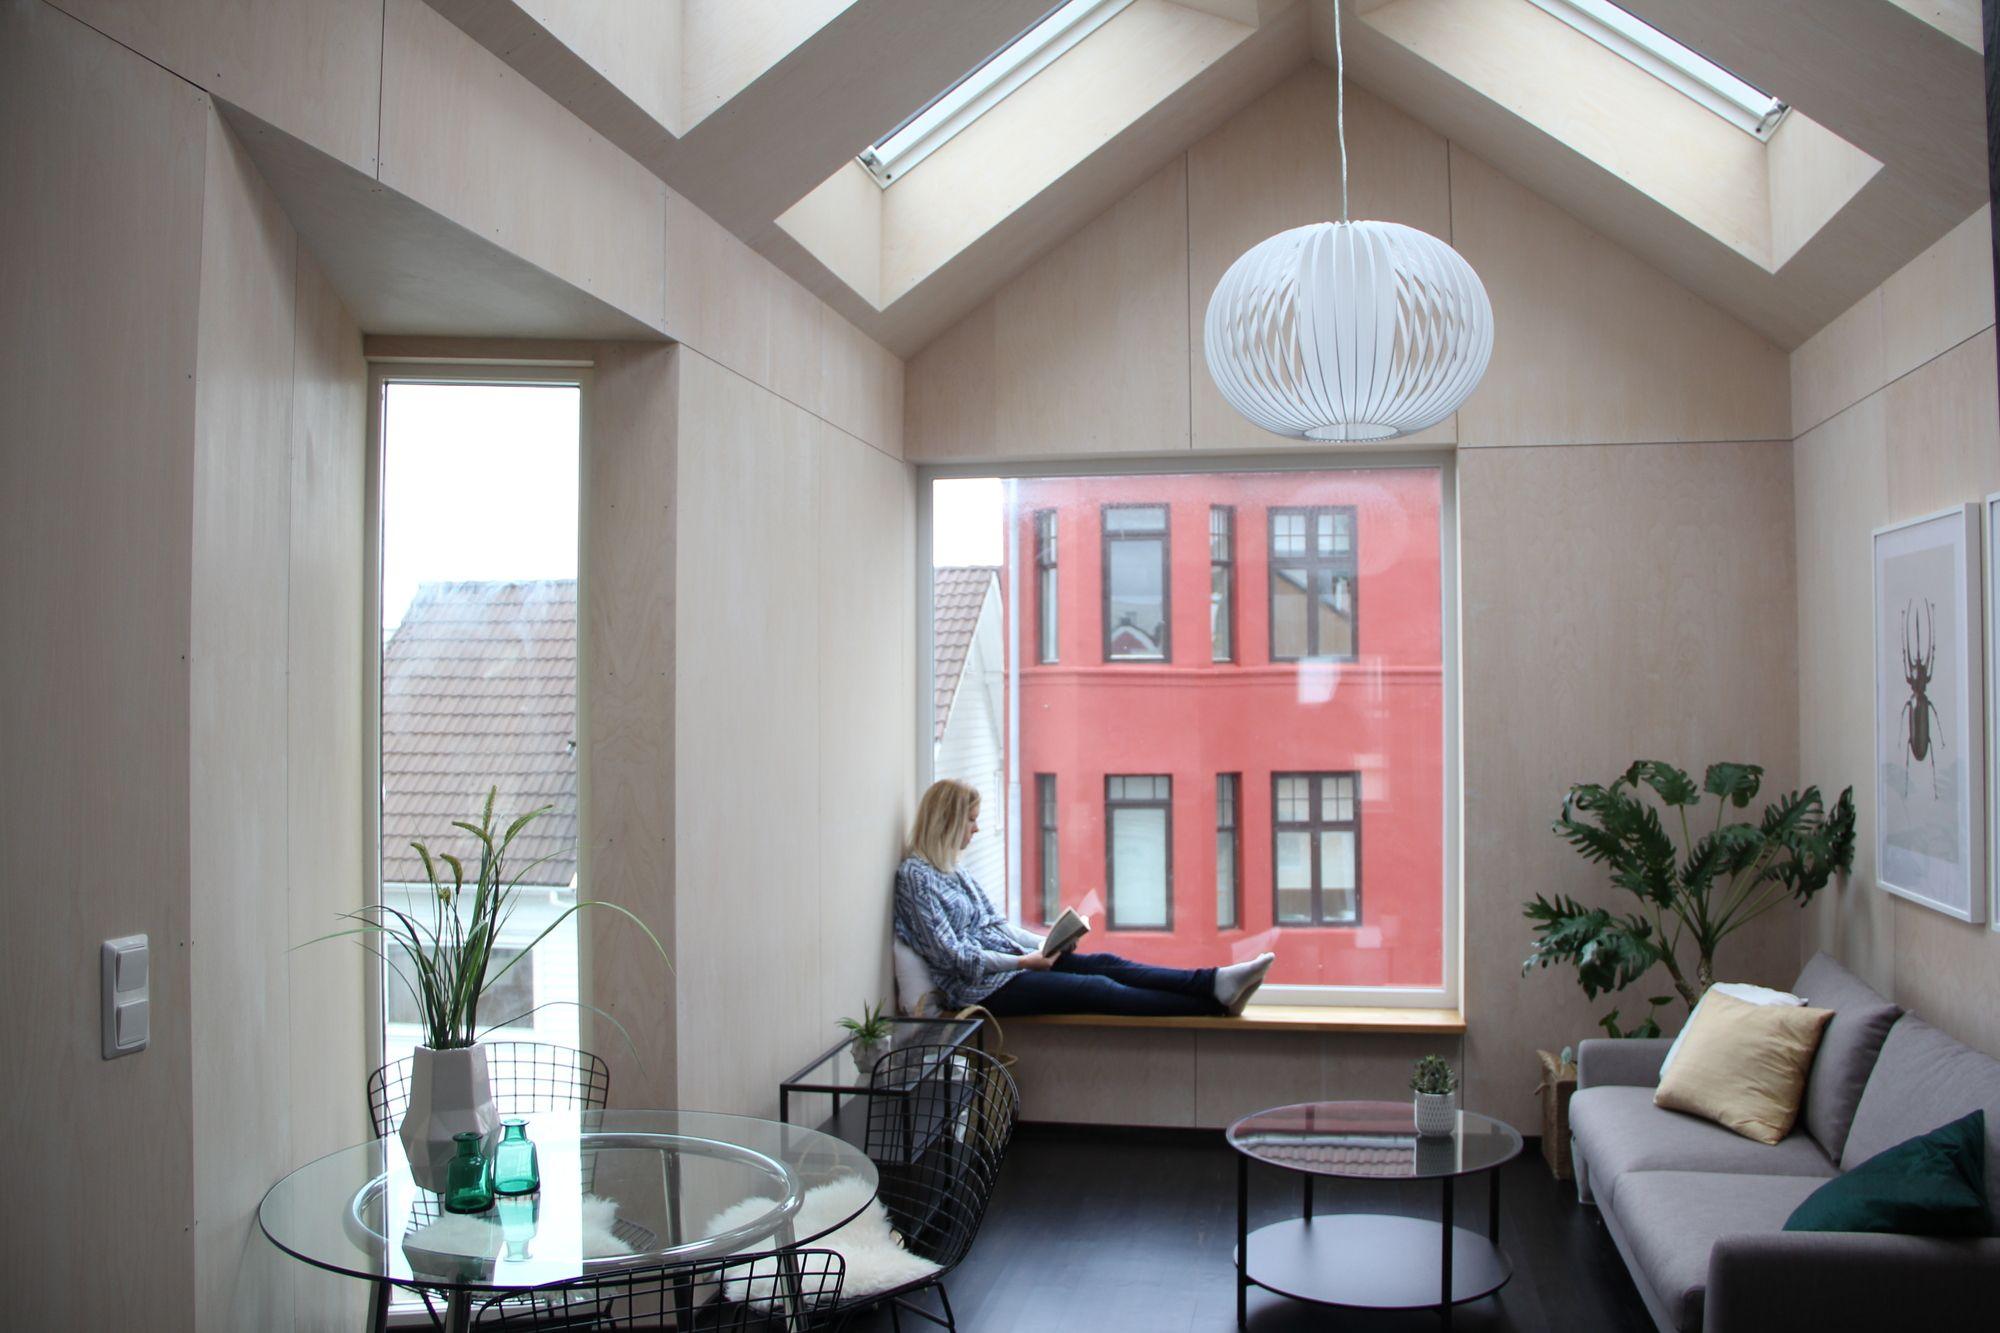 Small Terrace House - House in Stravanger - Austigard Arkitektur ...